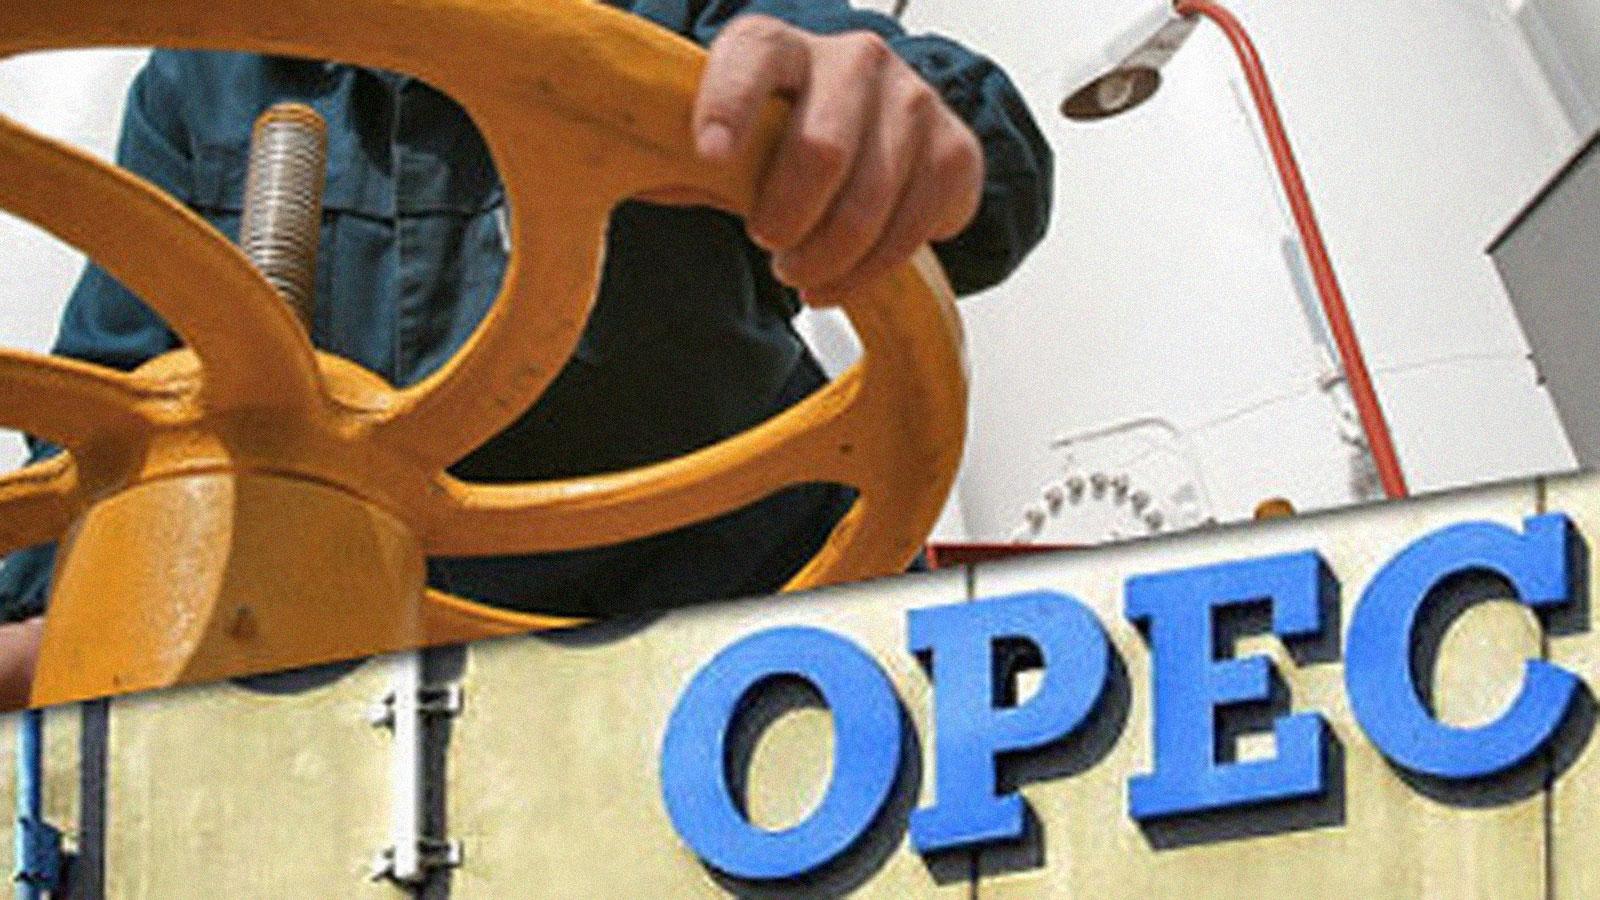 Президент ОПЕК: с учетом свободных мощностей мы сможем долго держать баланс на нефтяном рынке